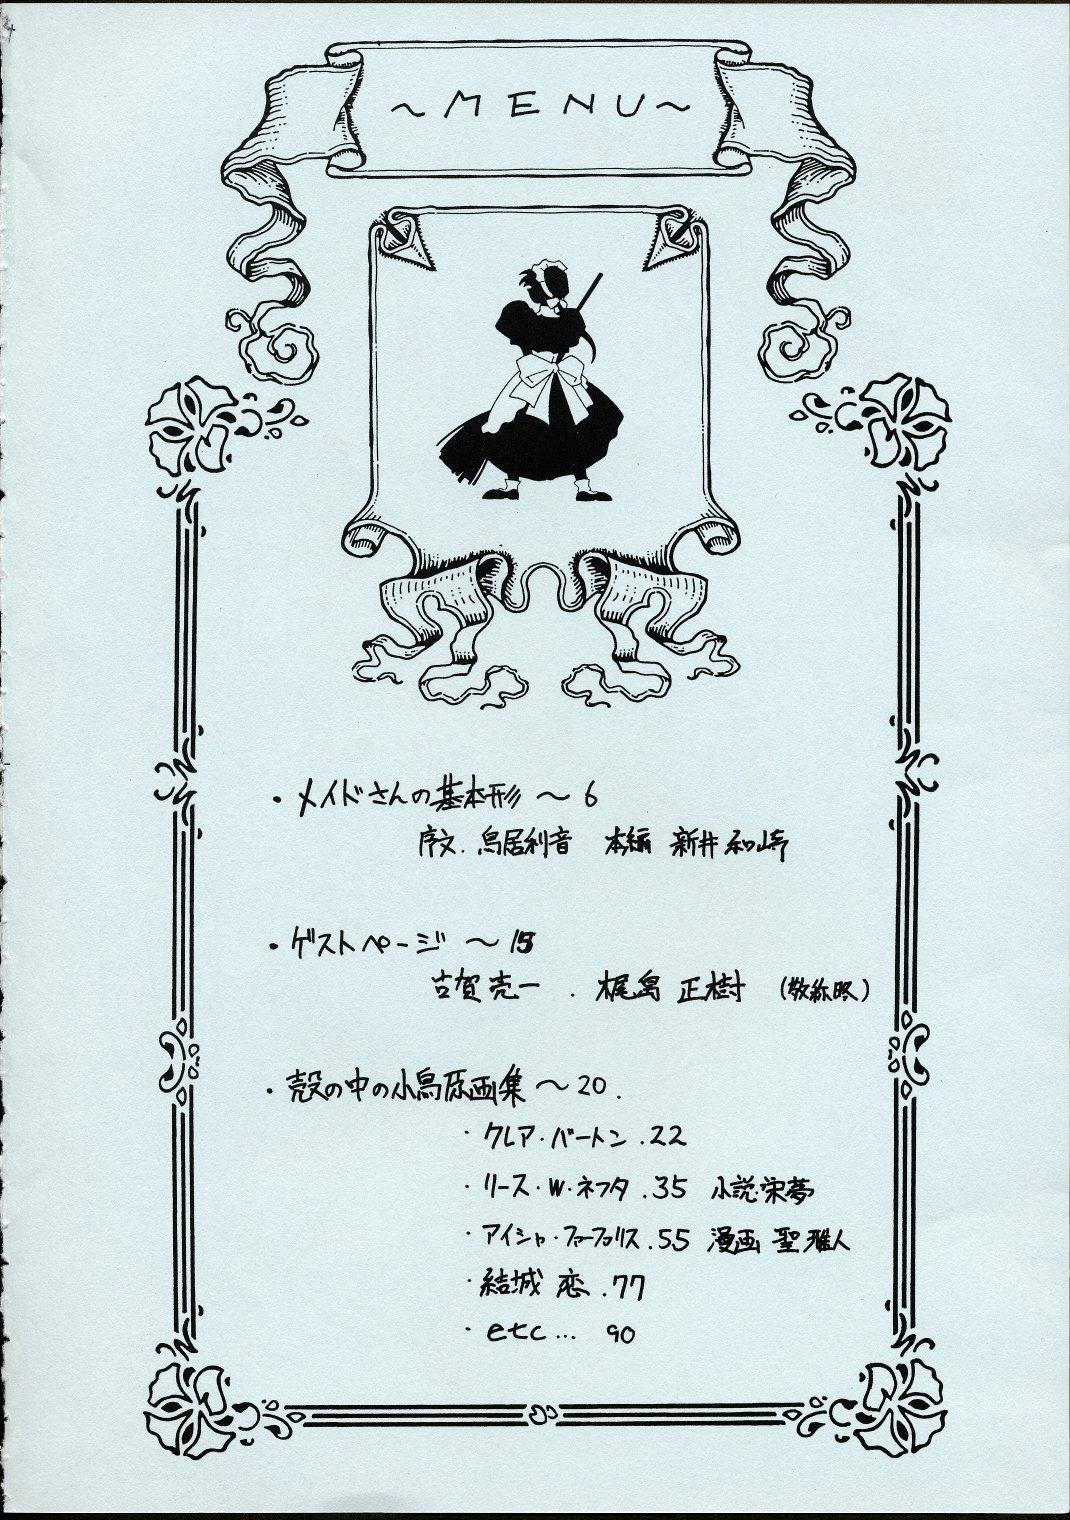 Maid-san kihonkei 2